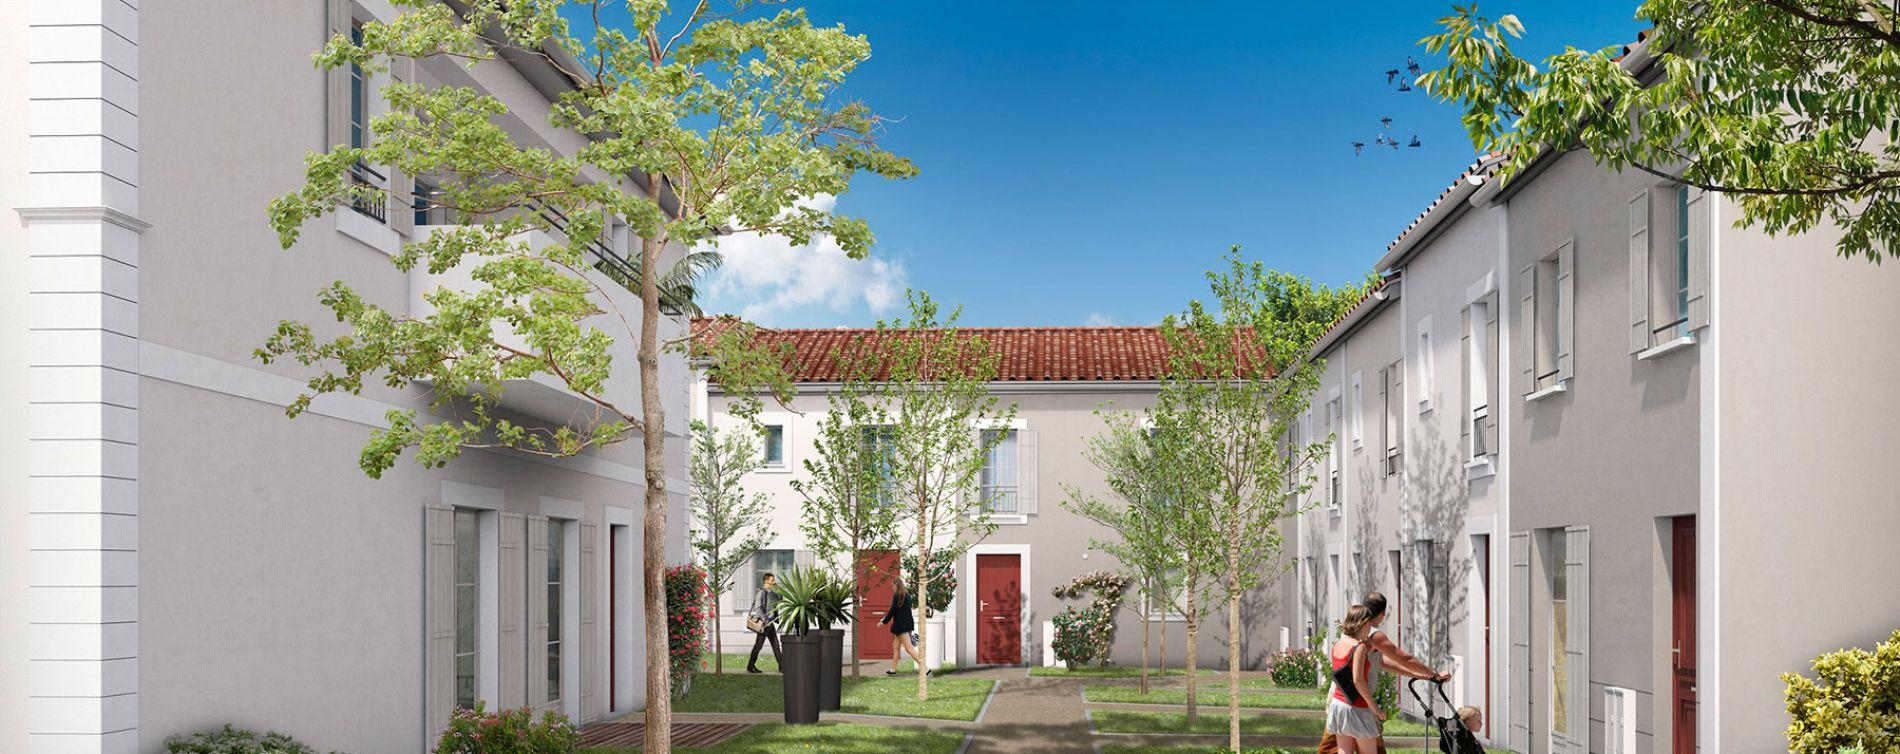 Résidence Le Clos Saint-Caprais à Saint-Caprais-de-Bordeaux